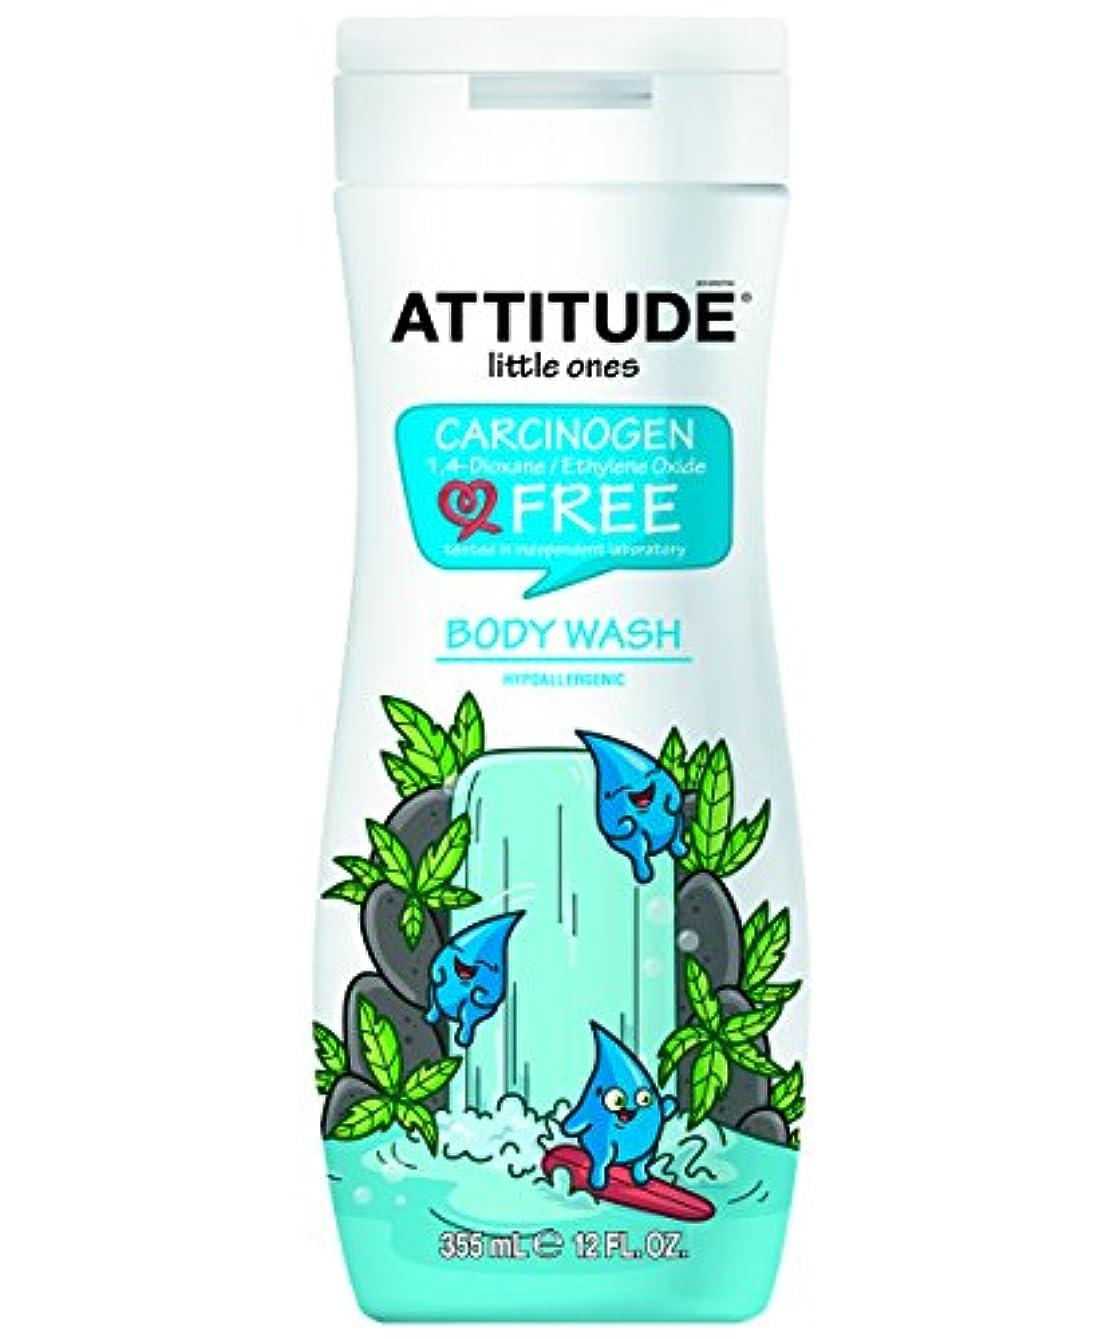 浸透するアーティスト原子炉Attitude Eco Kids Hypoallergenic Body Wash (355ml) 姿勢エコキッズ低刺激性ボディウォッシュ( 355ミリリットル)